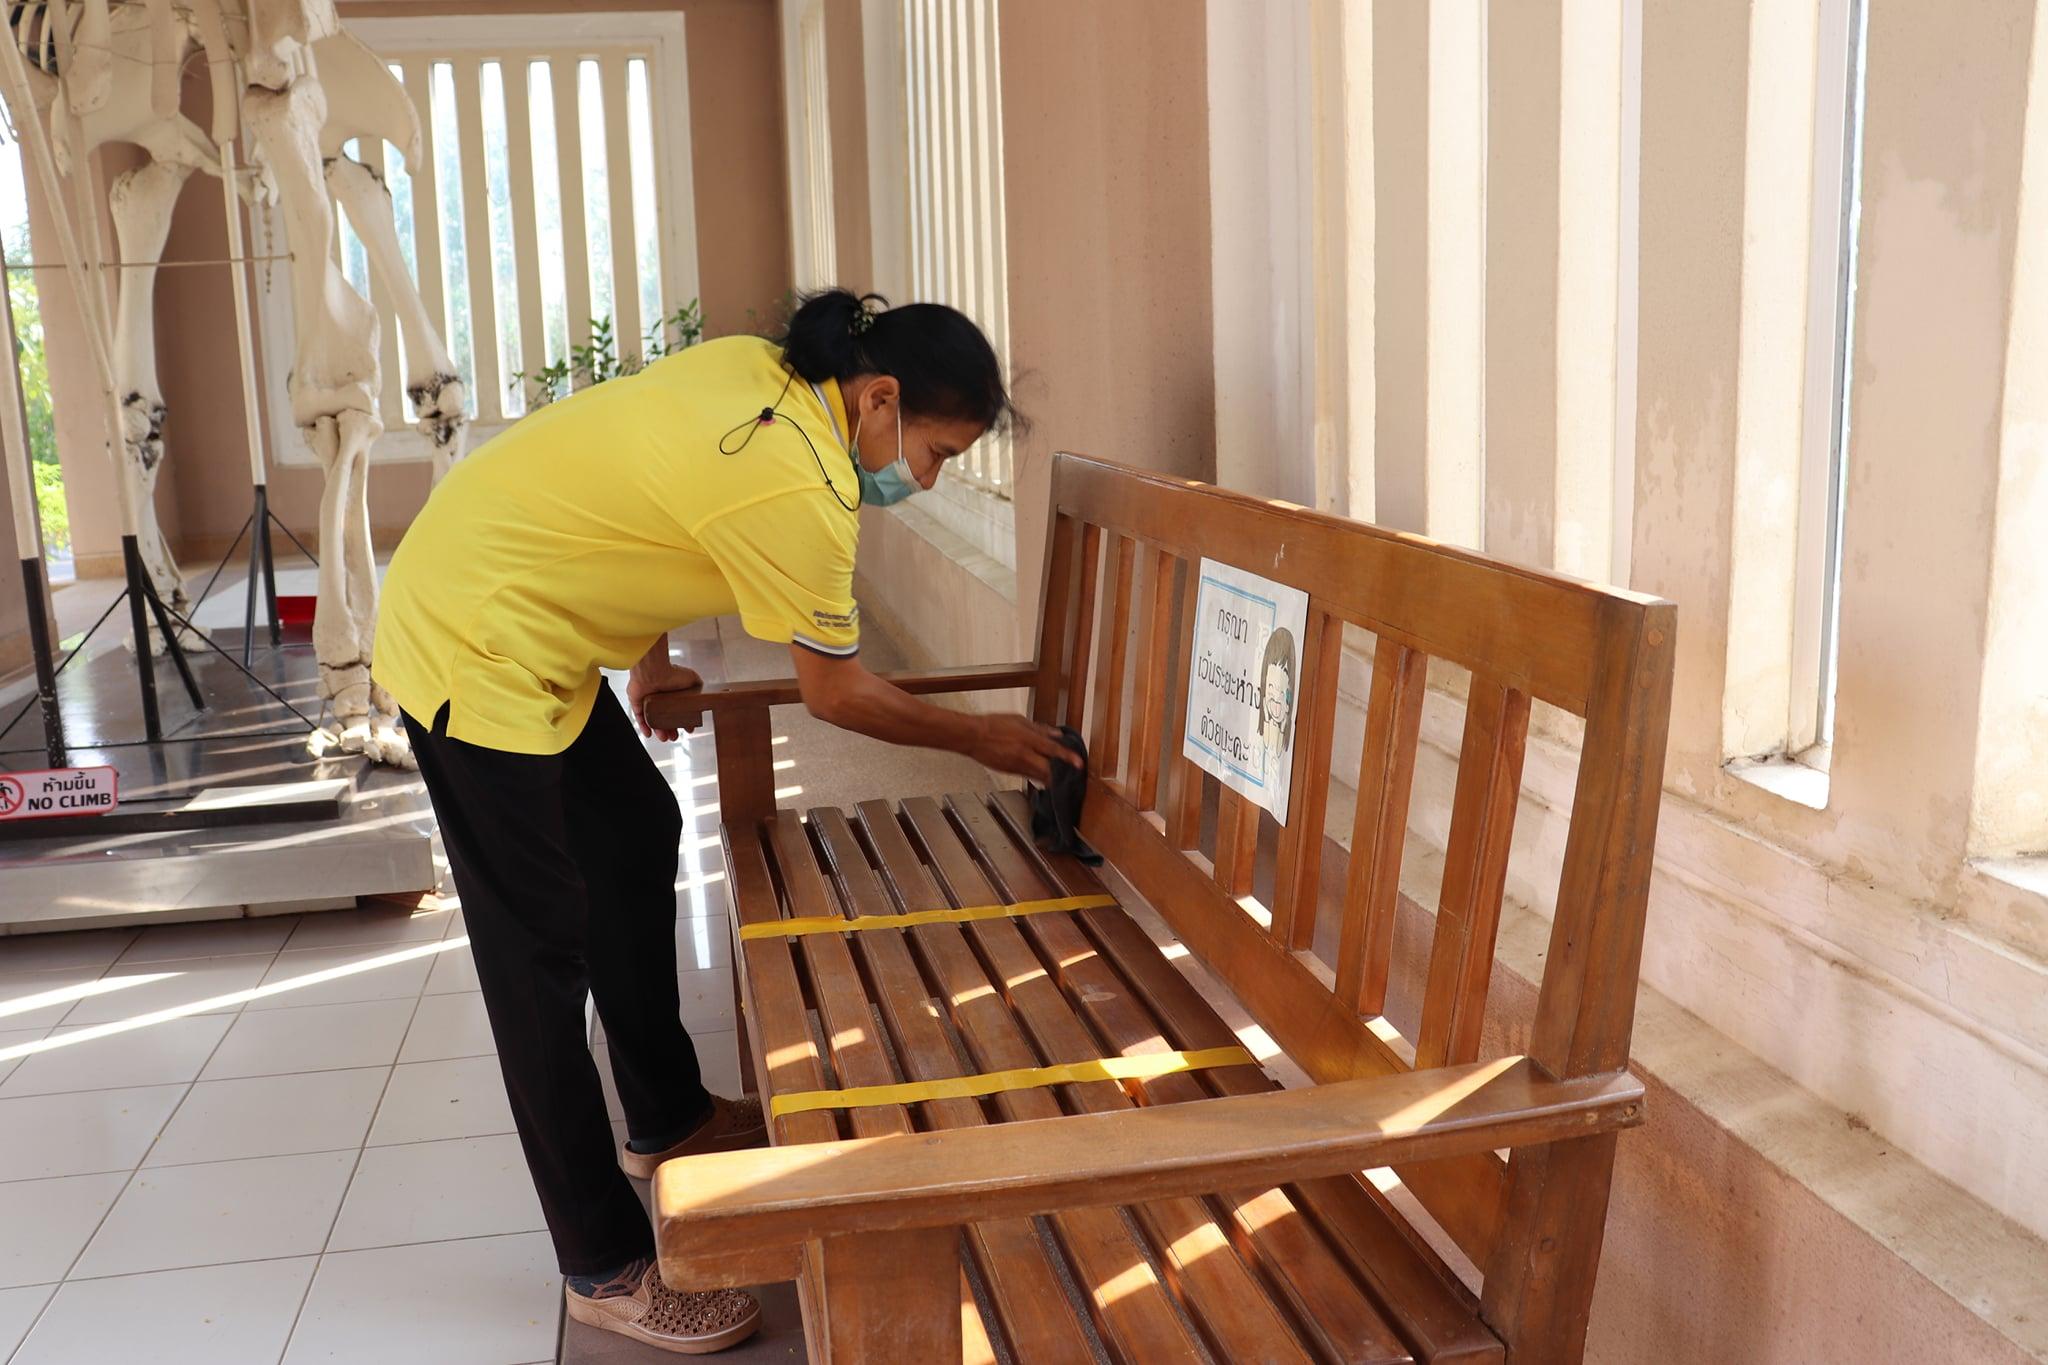 กิจกรรม   Big Cleaning Day   ประจำวันอาทิตย์ที่ ๒๘ มีนาคม ๒๕๖๔